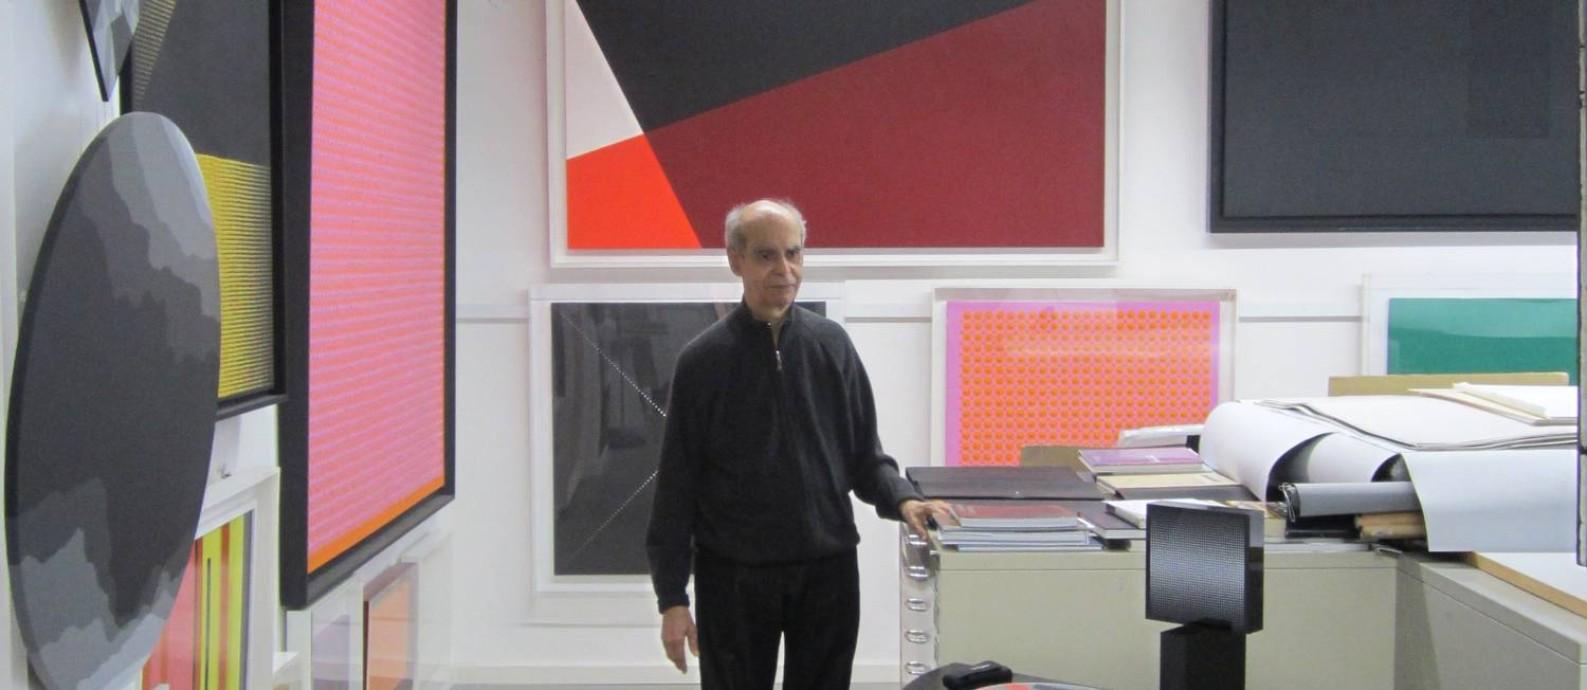 O artista plástico Almir Mavignier em seu ateliê em Hamburgo, na Alemanha Foto: Divulgação